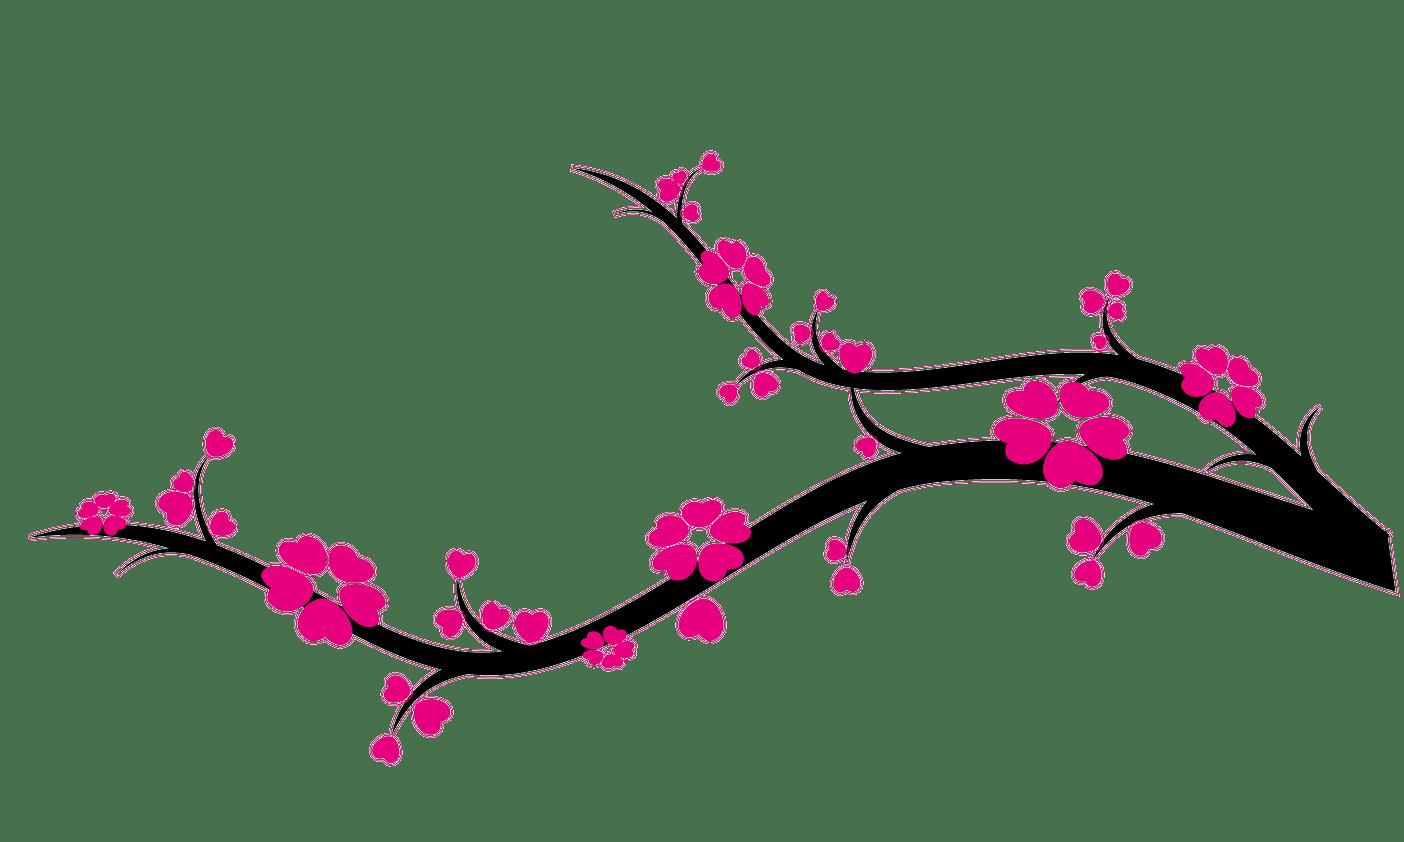 Ma wishlist de mai - Dessin fleur de cerisier ...